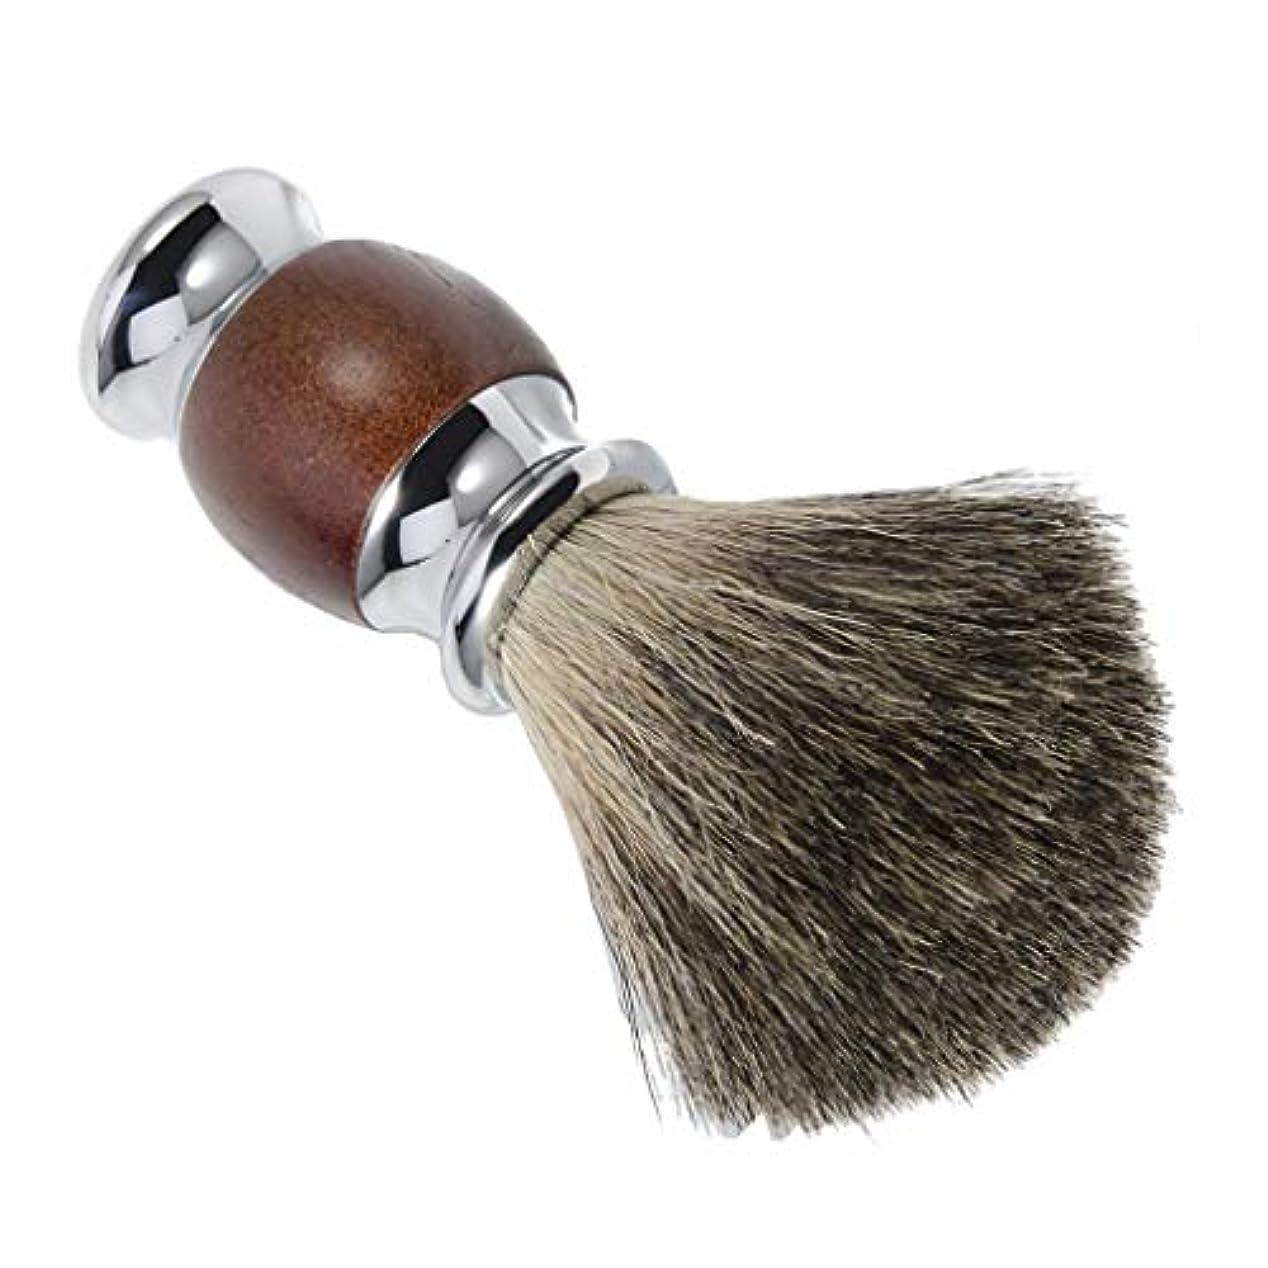 援助クレジットガラスメンズ シェービングブラシ 木製ハンドル サロン 髭剃りツール 理容 洗顔 プレゼント